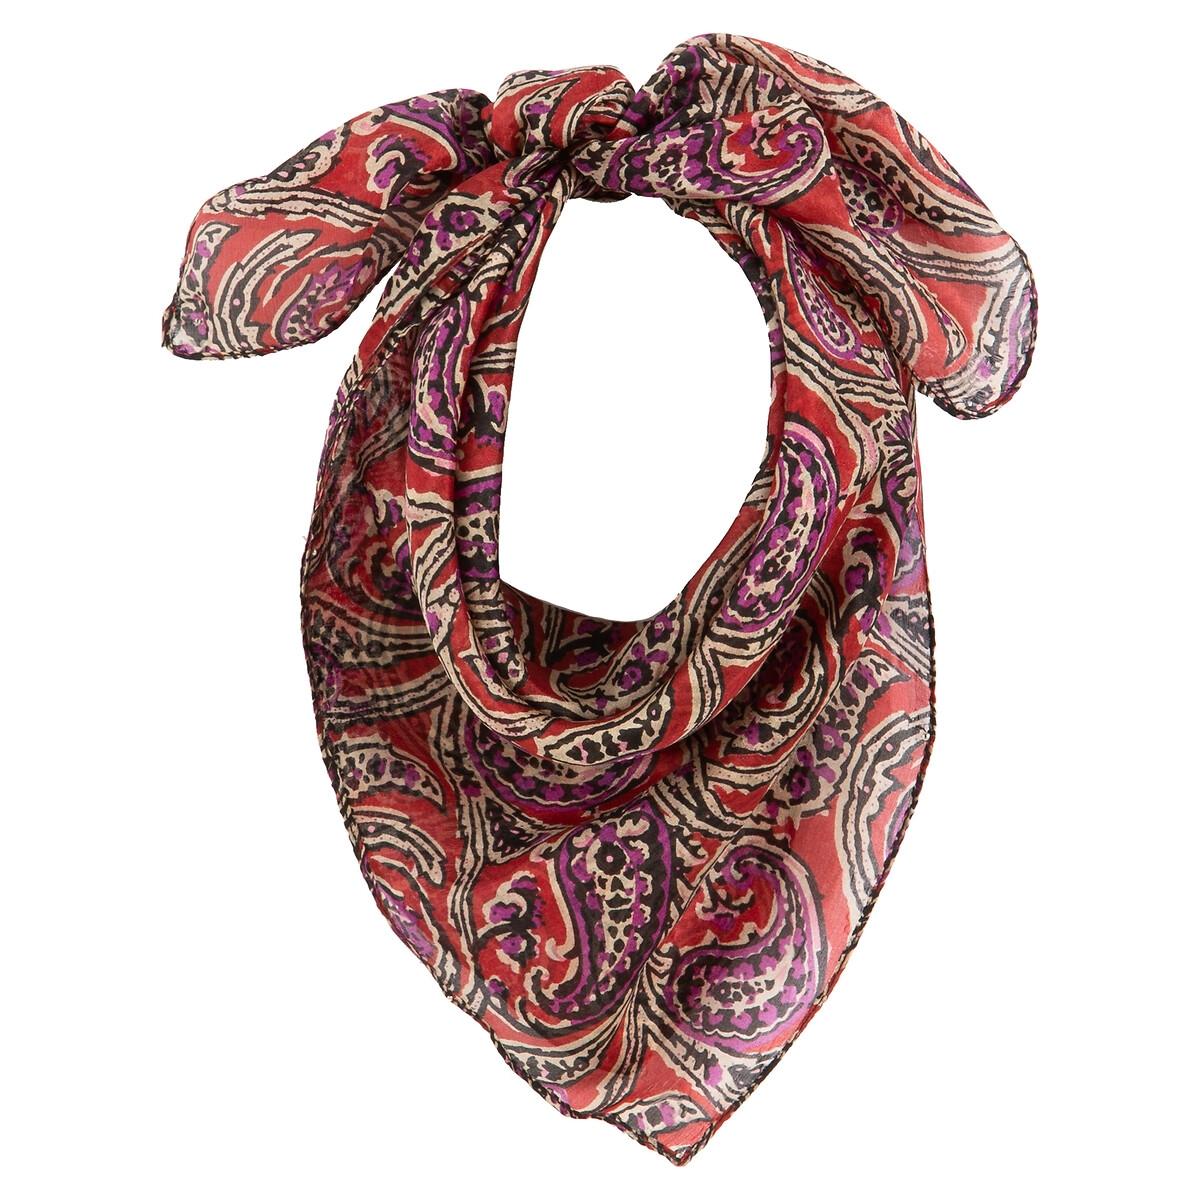 Fular de seda con estampado cachemir